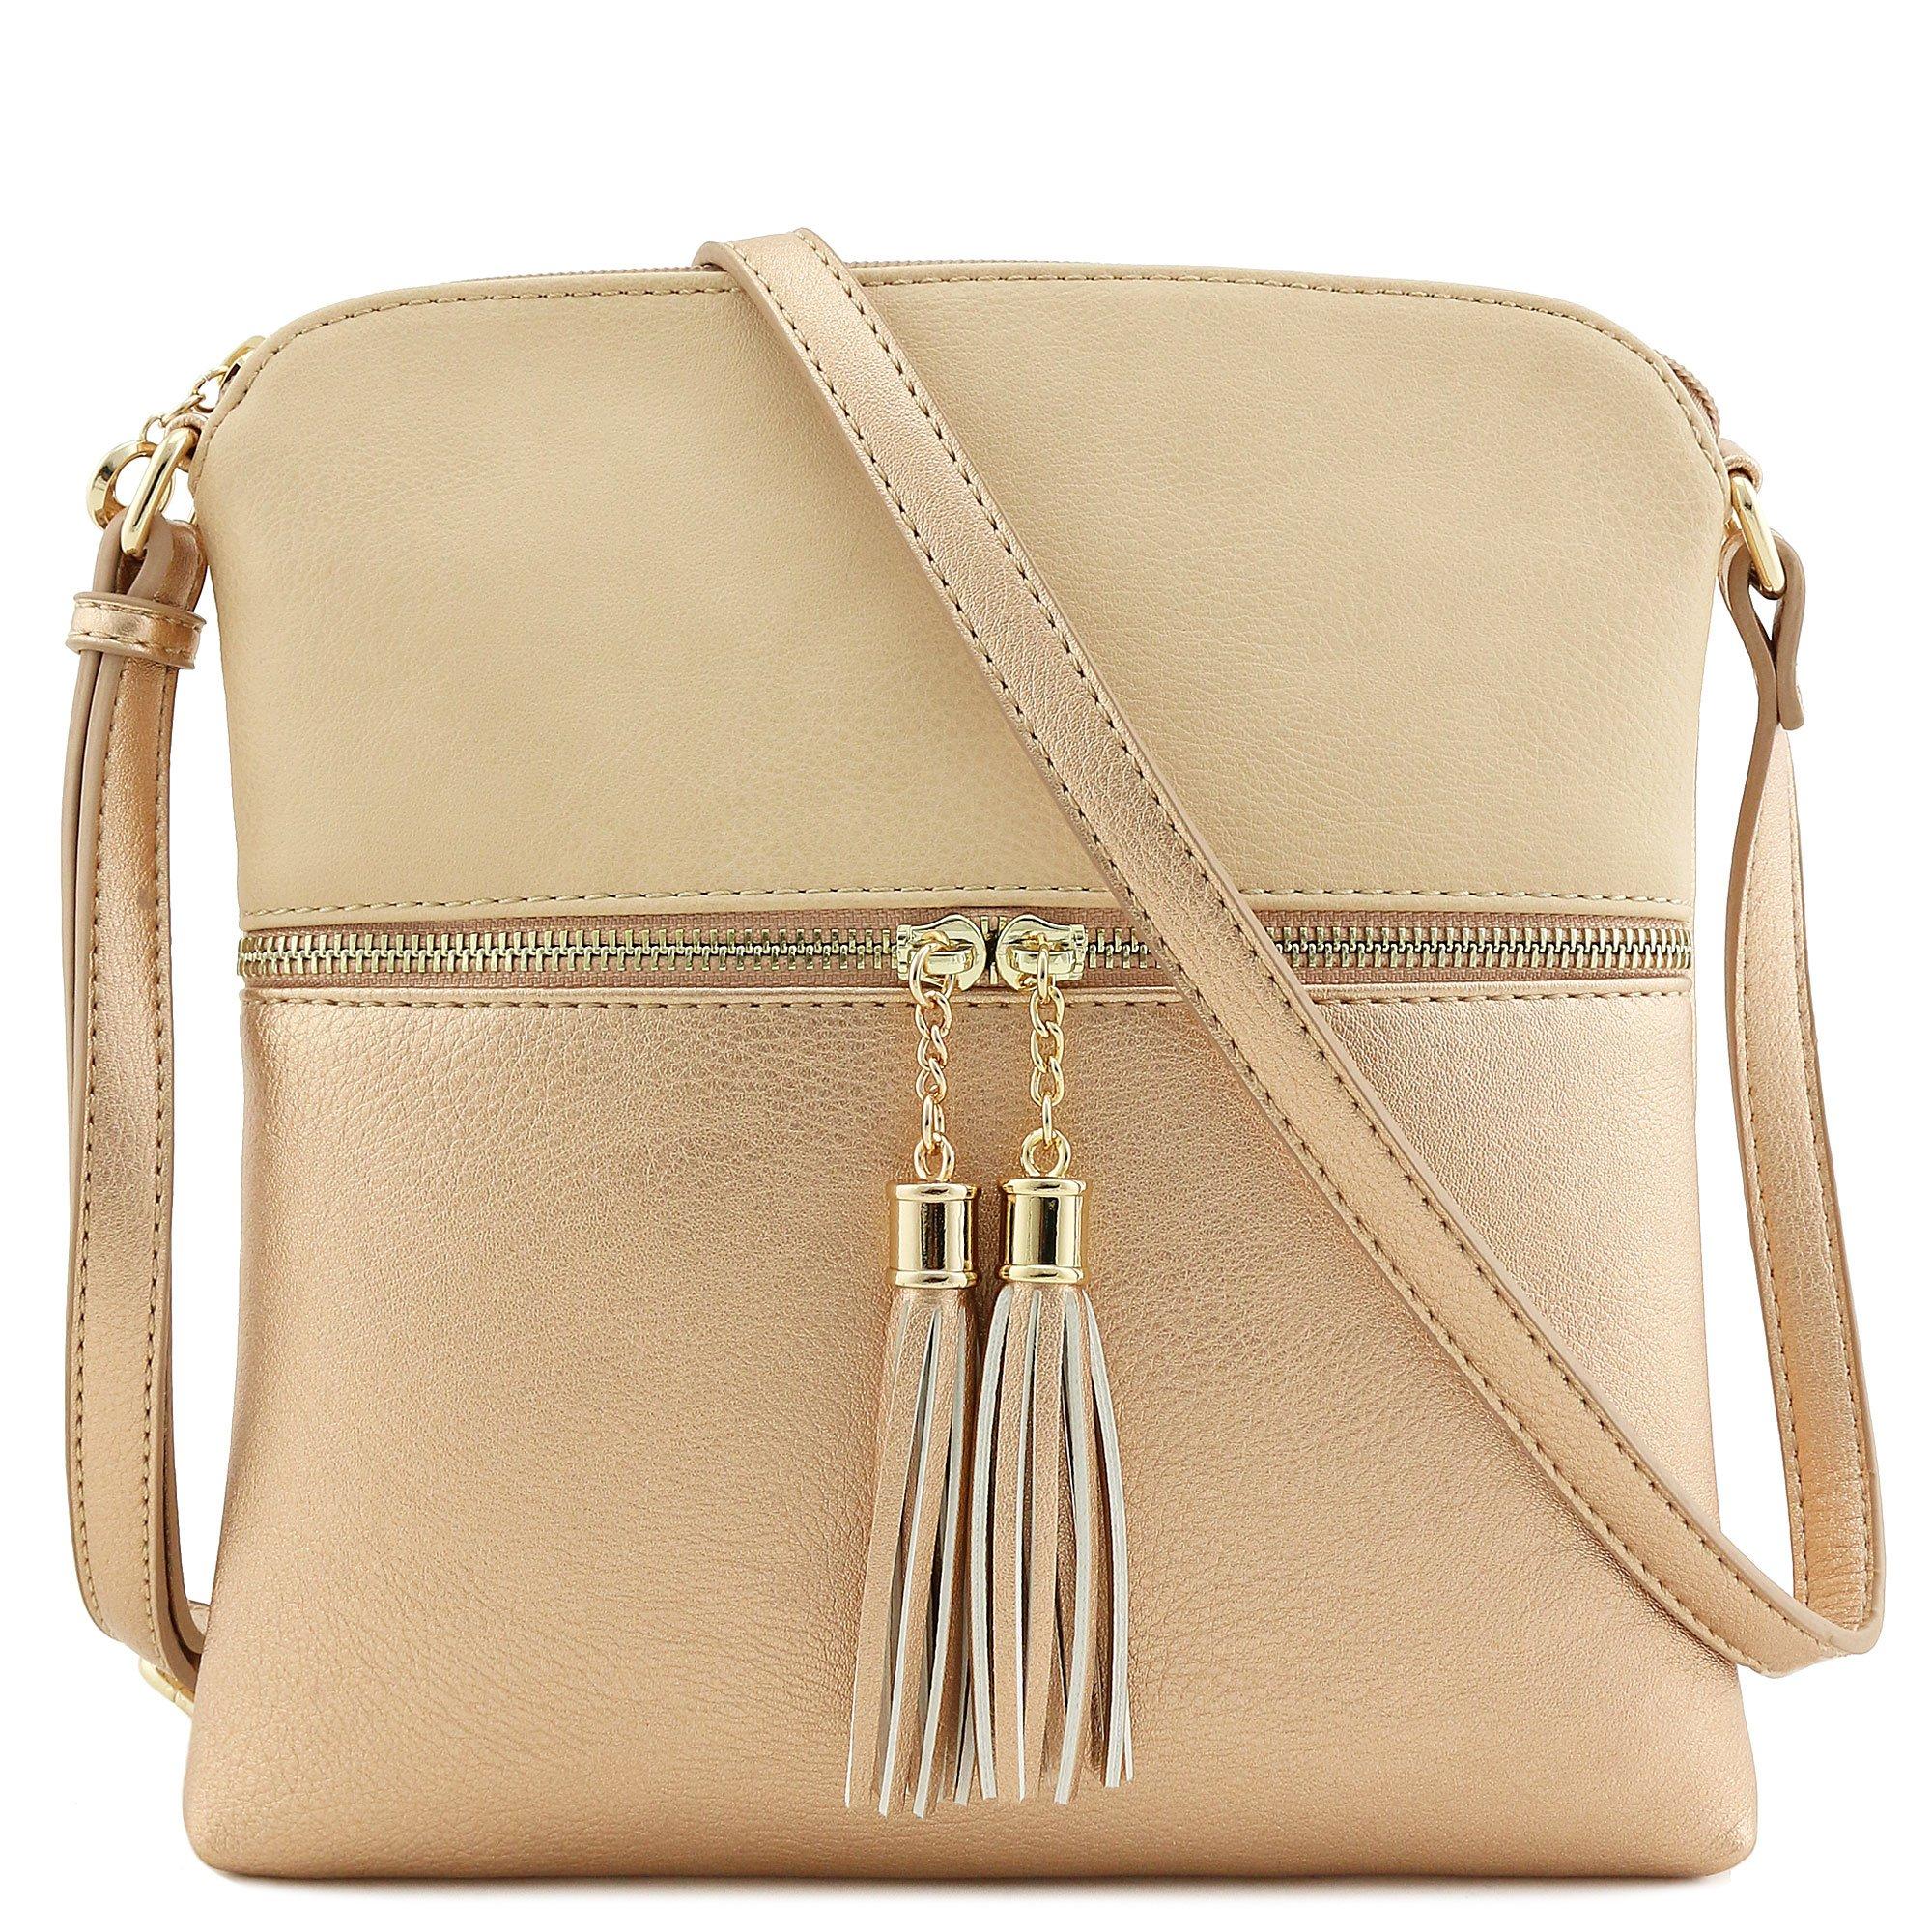 Tassel Zip Pocket Crossbody Bag (Nude/Rose Gold)